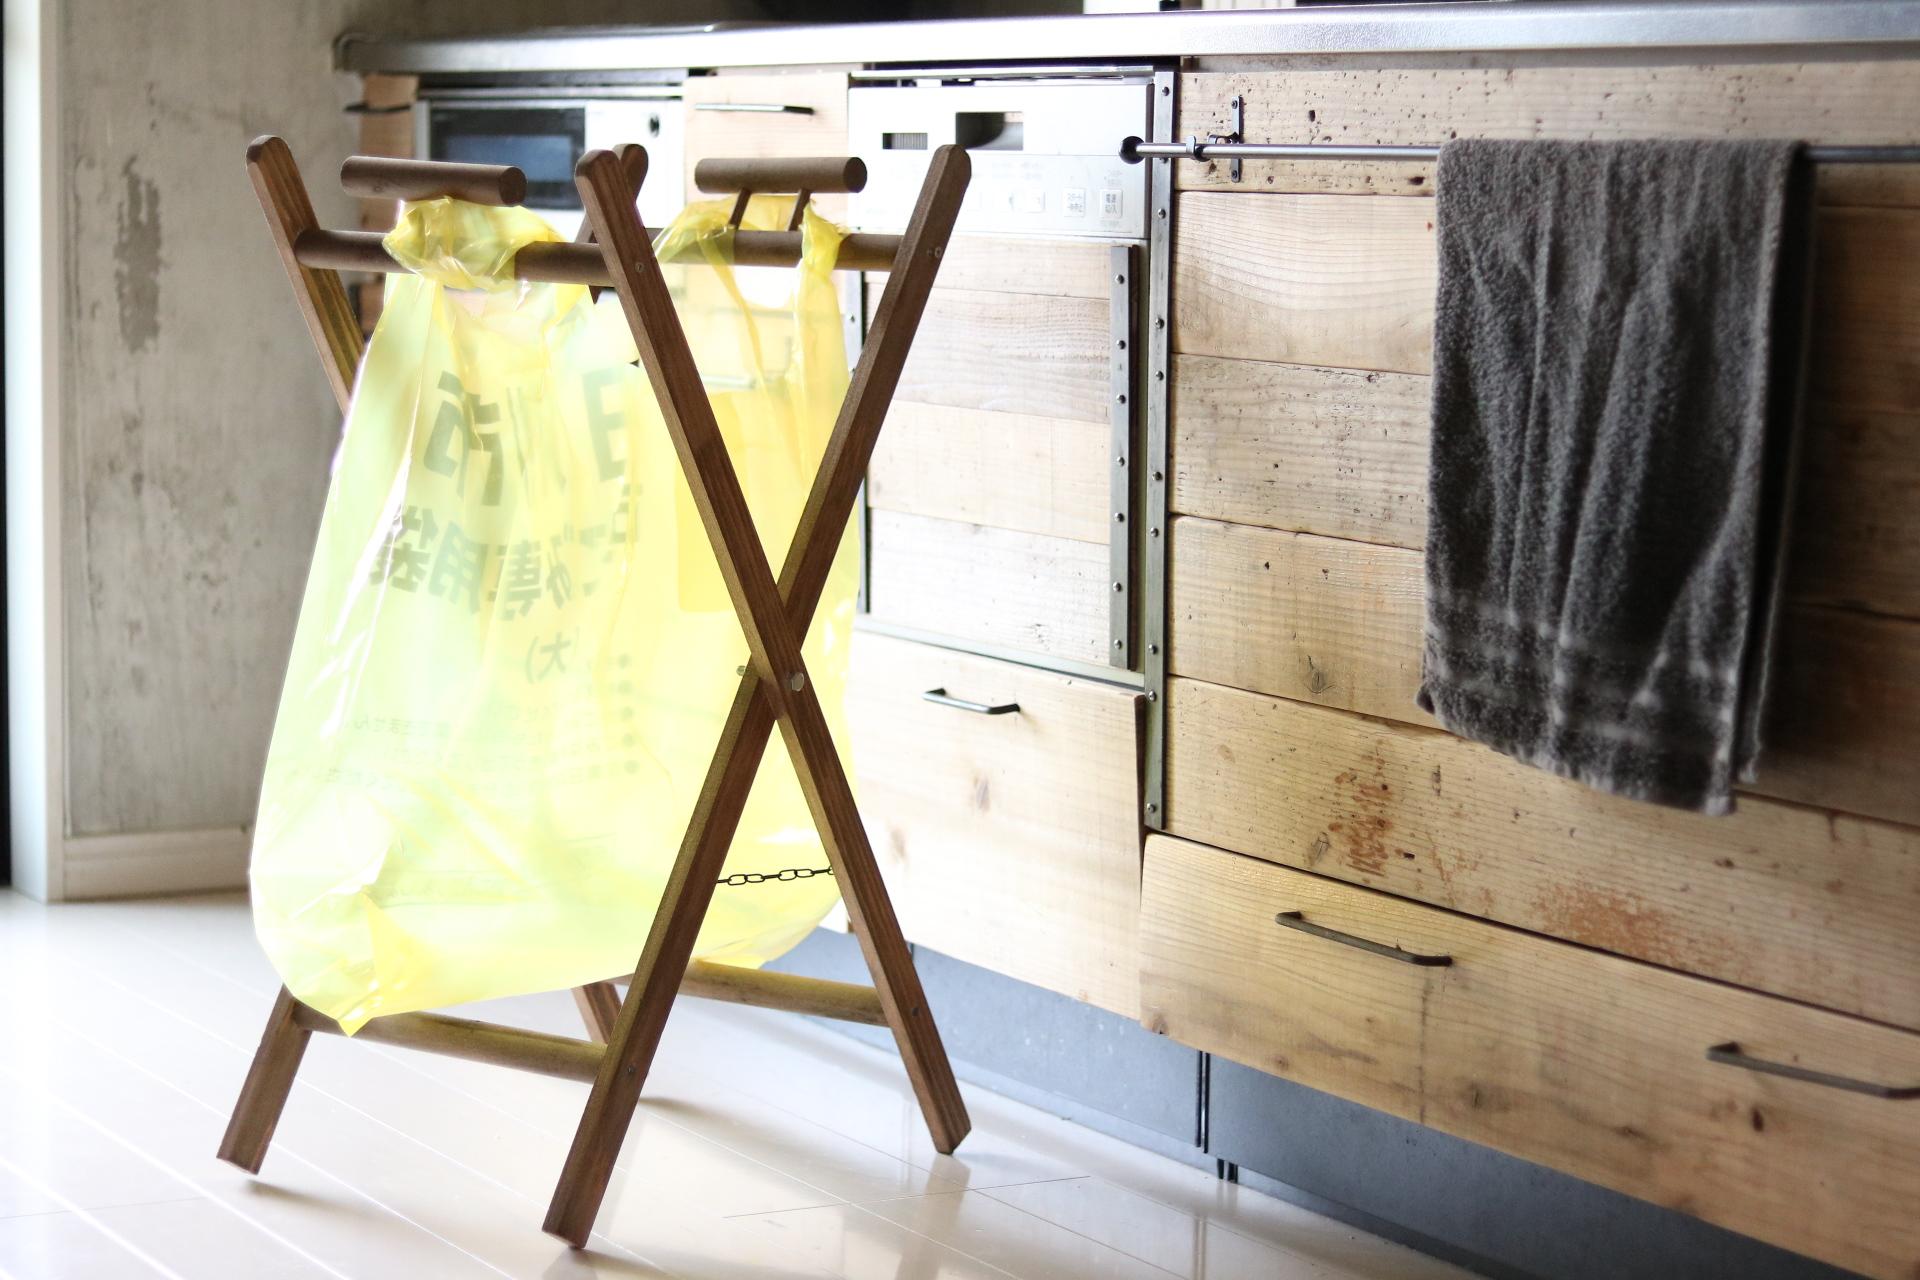 指定袋対応「折り畳み式ゴミ袋ラック」